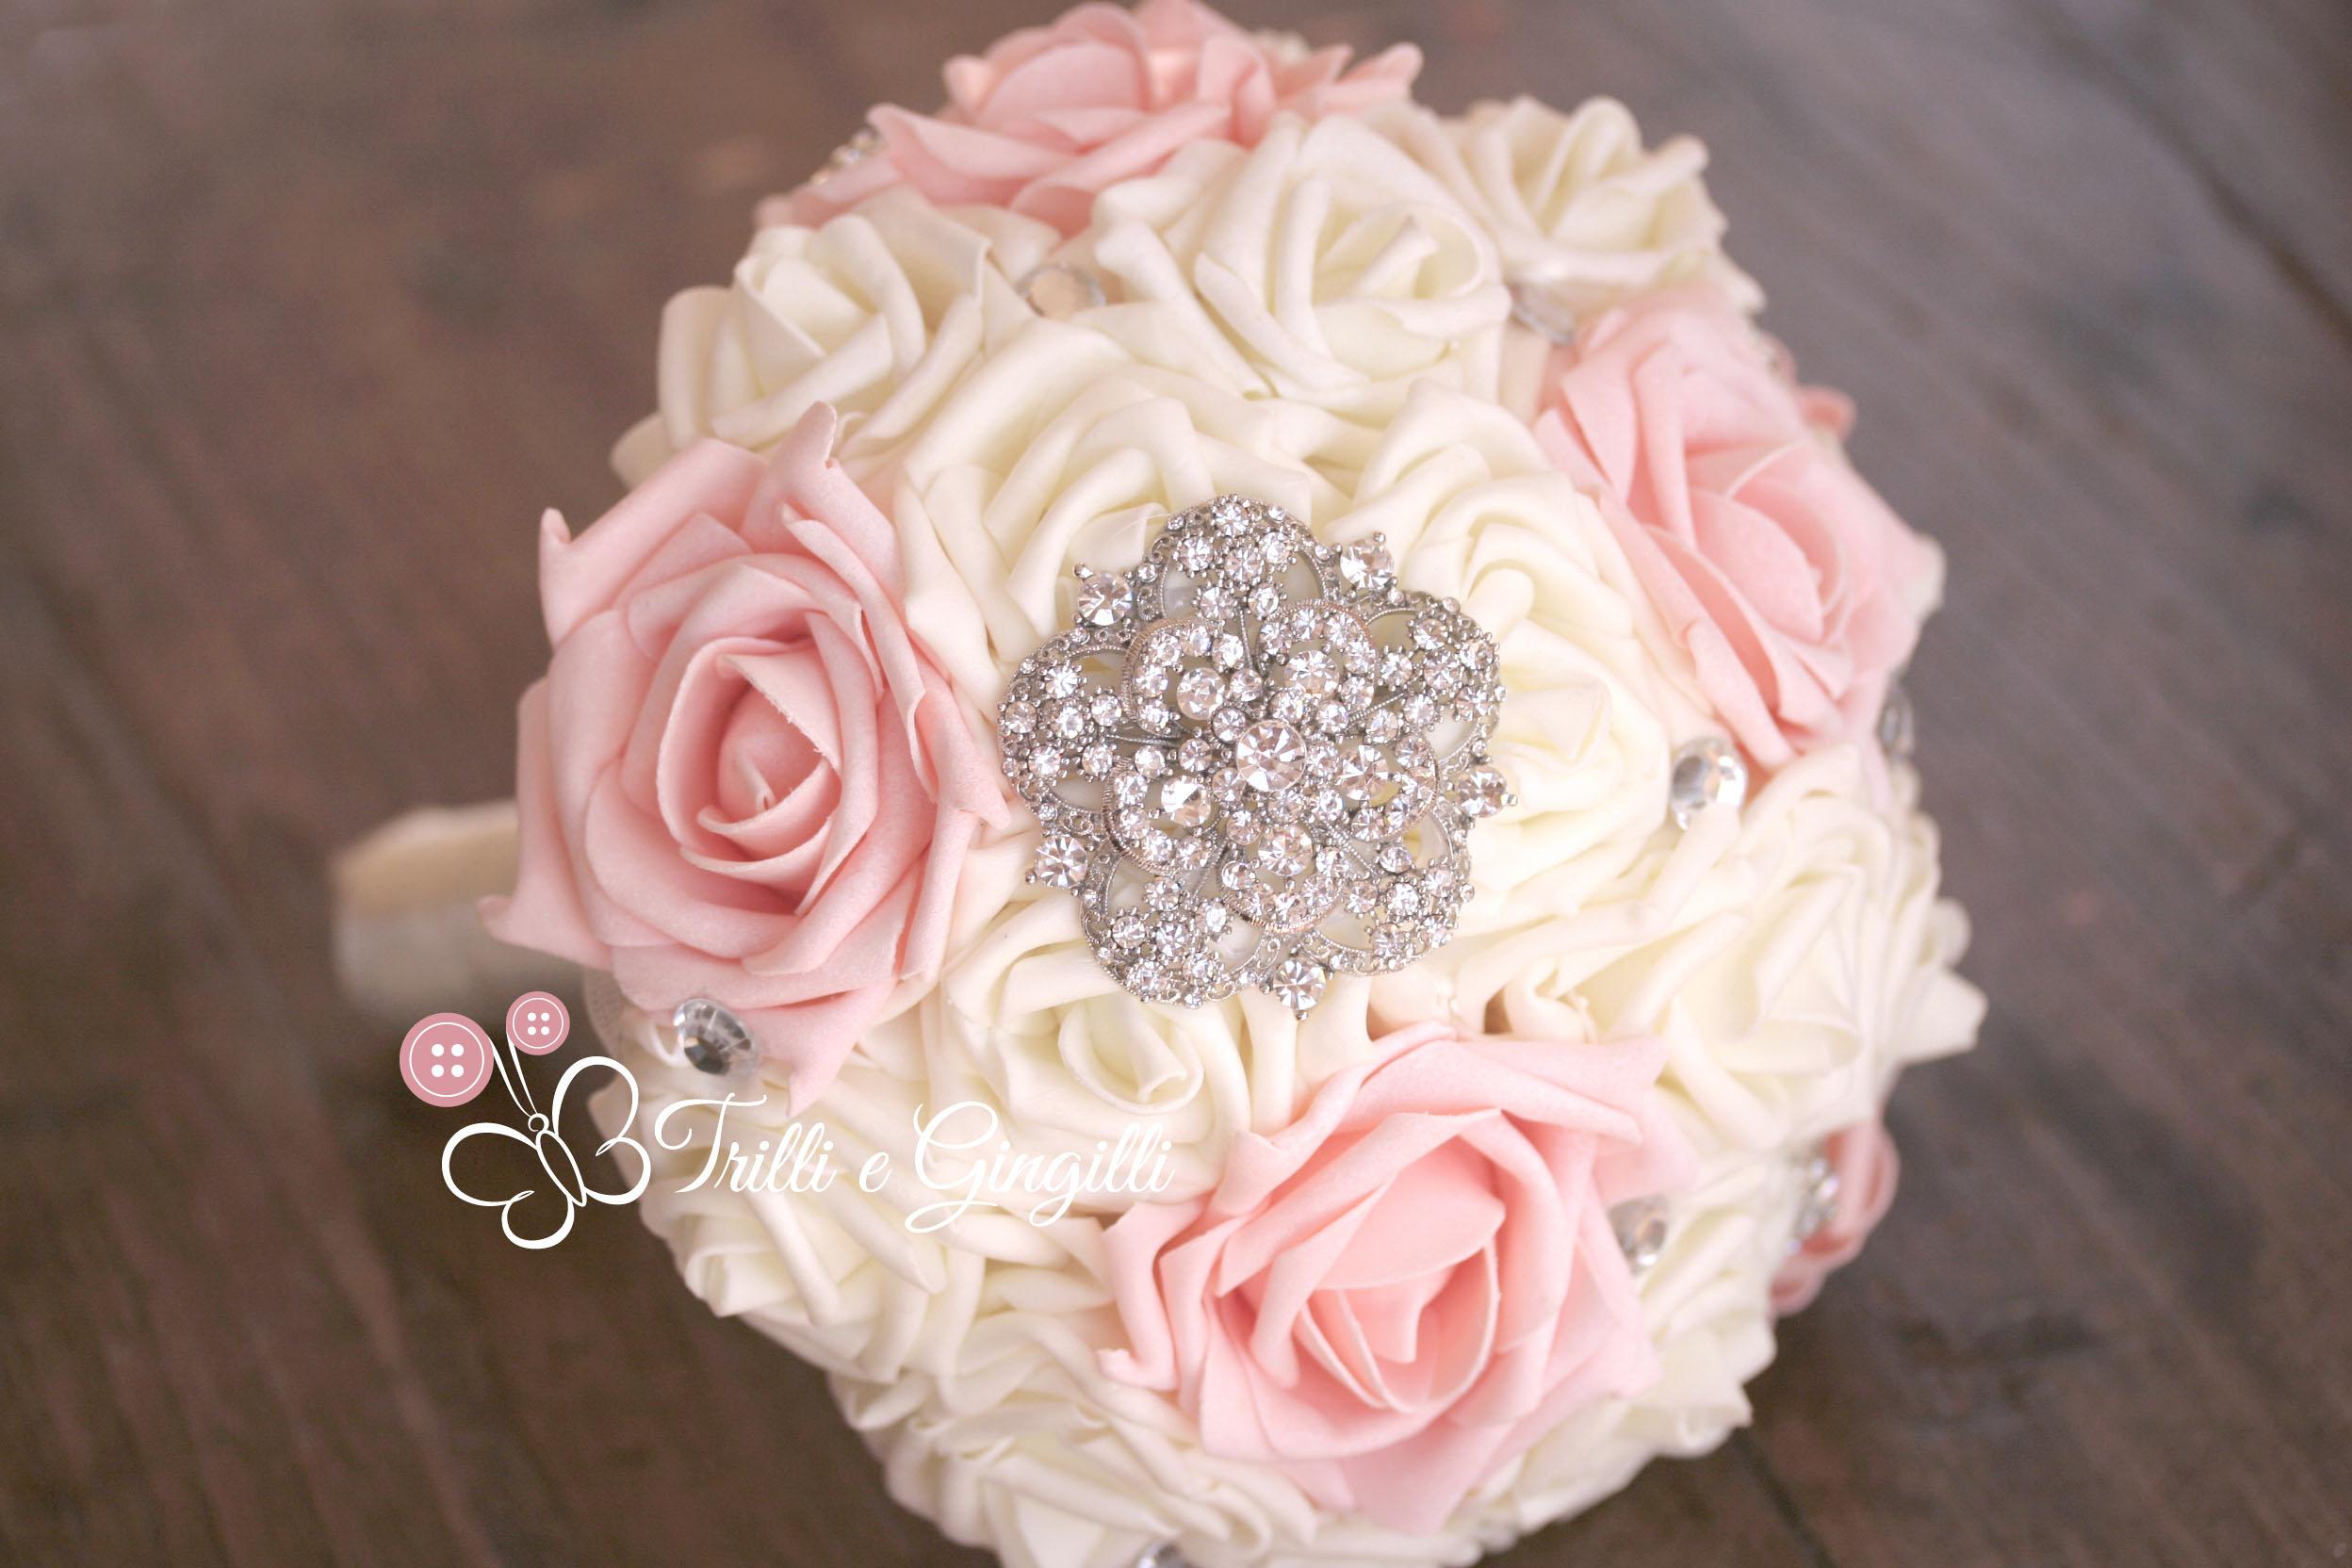 Scopriamo i bouquet sposa alternativi insieme a Trilli e Gingilli!